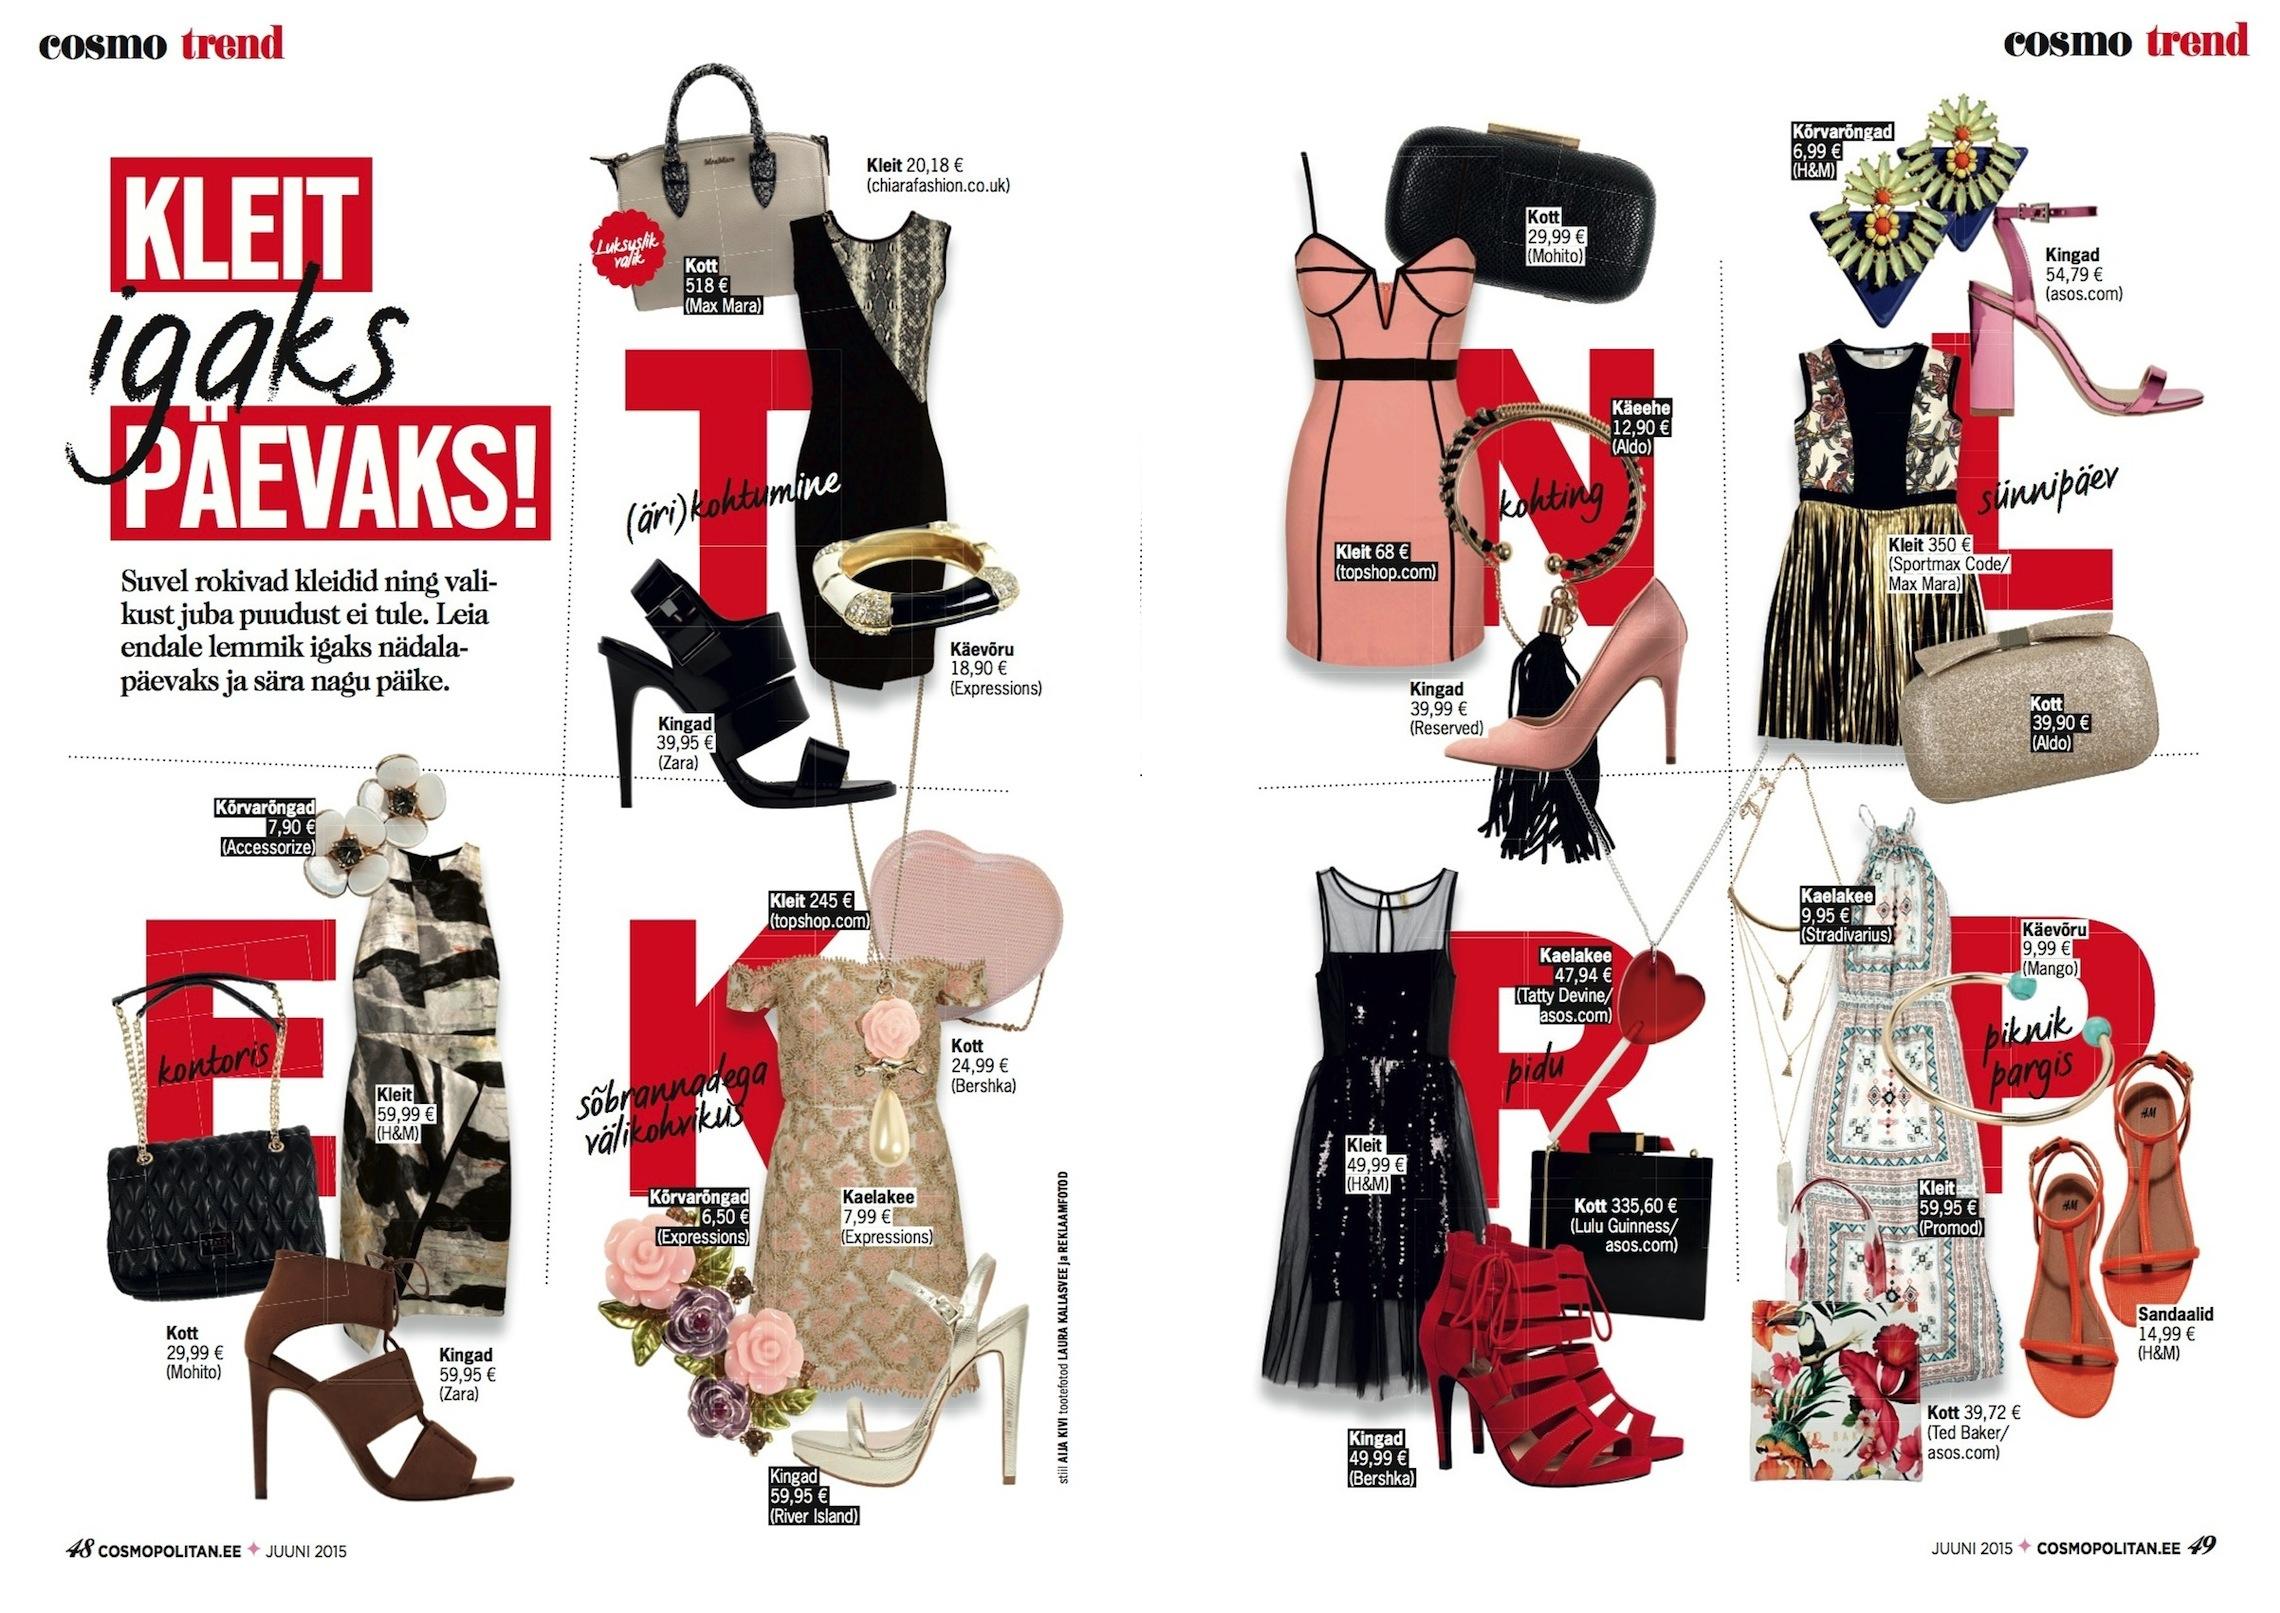 096-aija-kivi-for-cosmopolitan-estonia-magazine-stylist-fashion-editor-copy